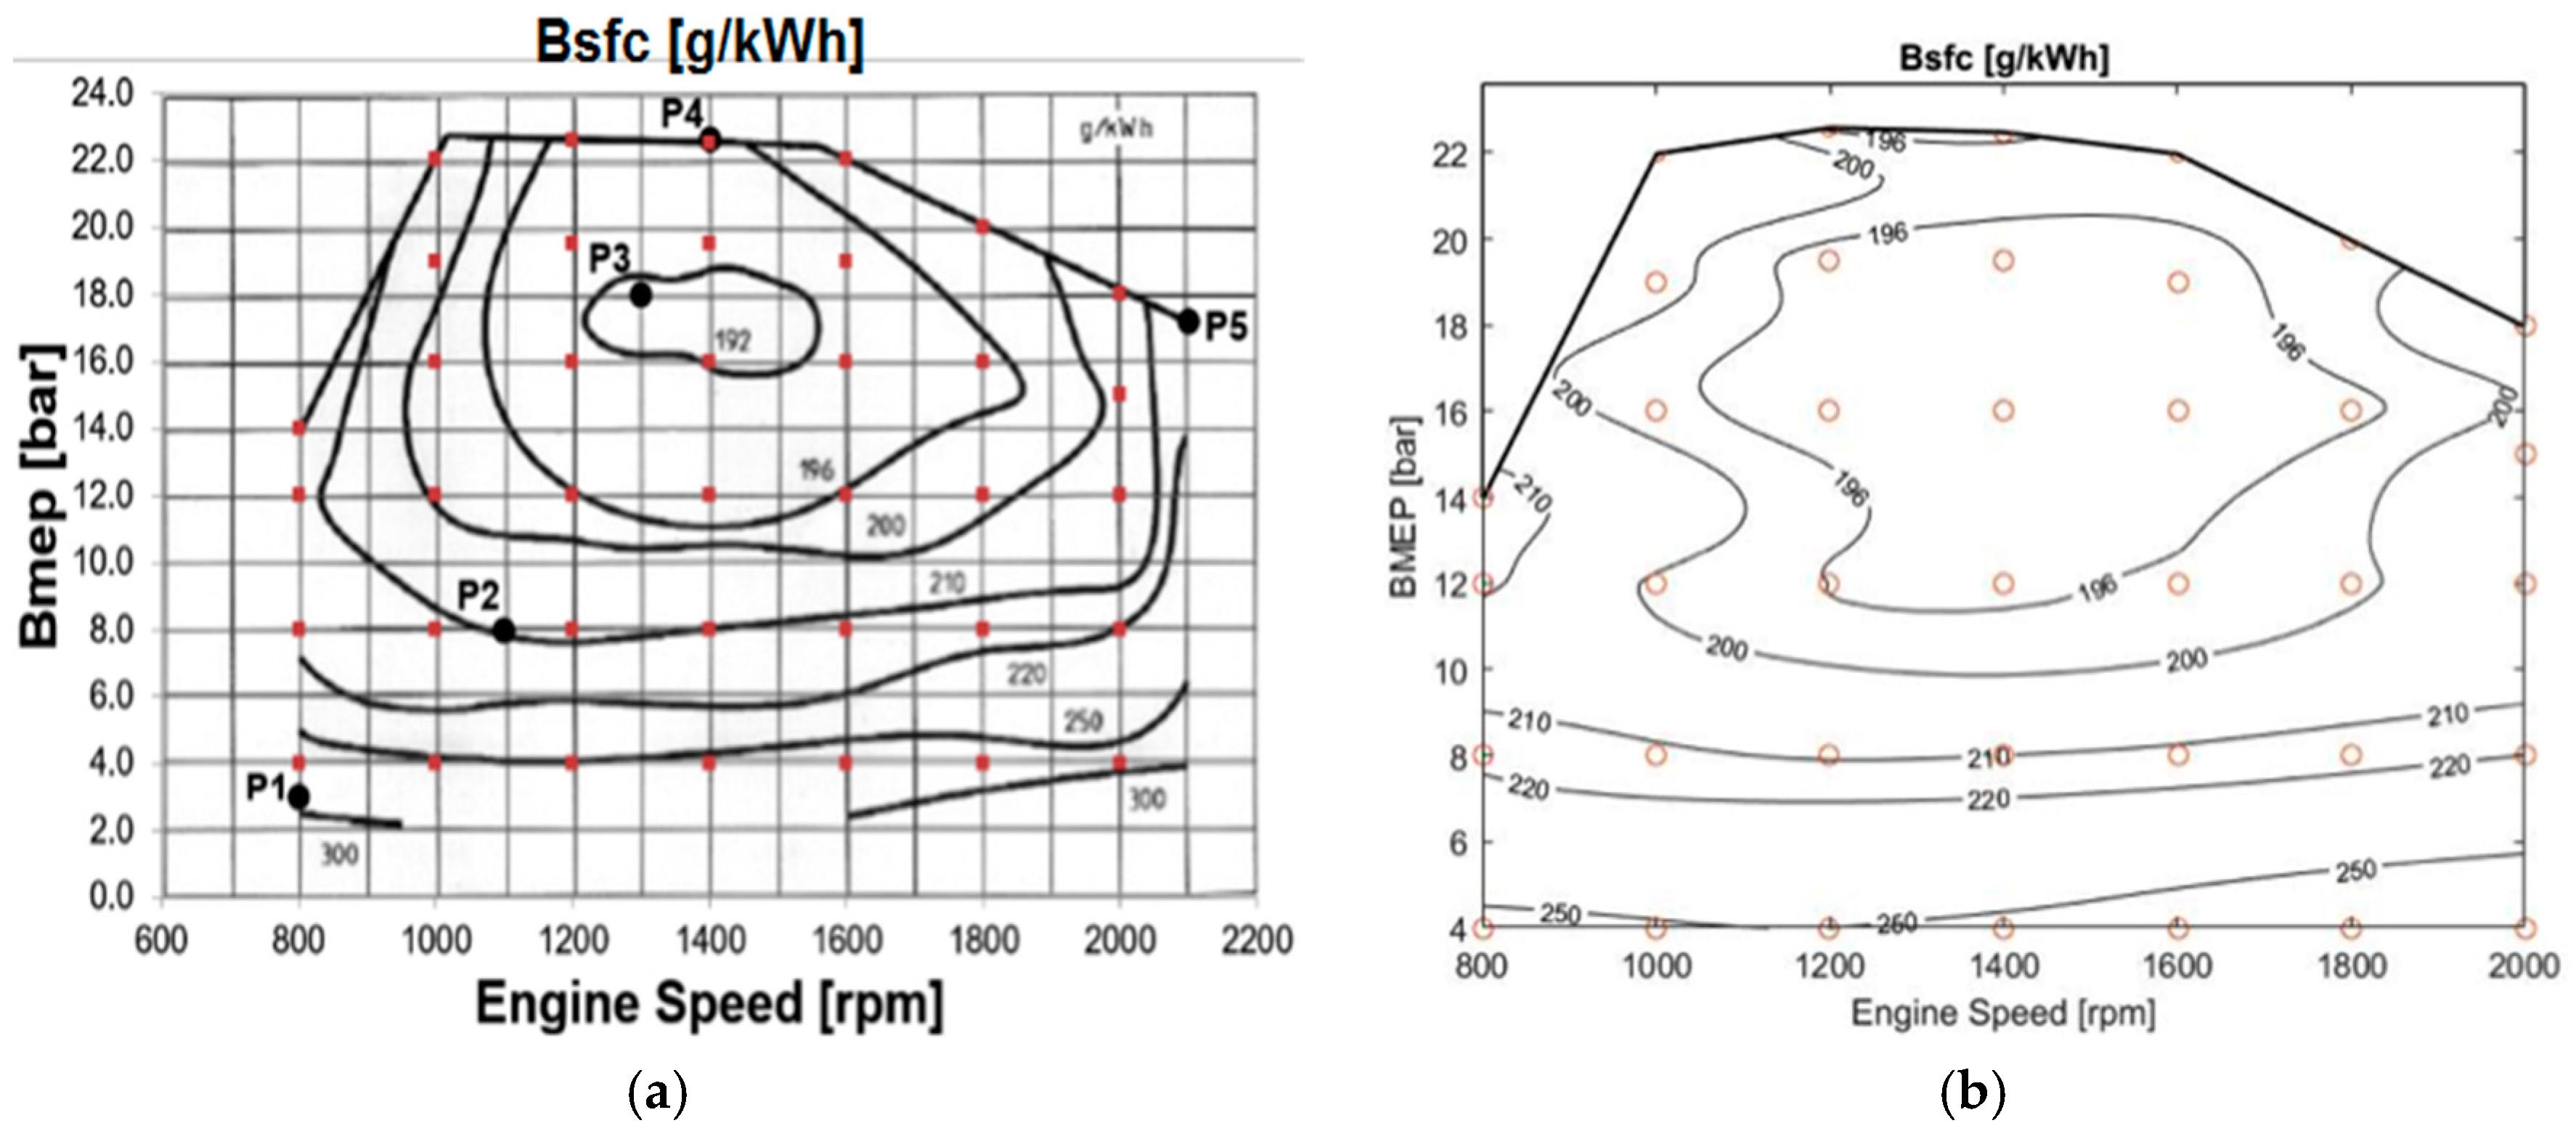 4 Stroke Engine Timing Diagram Energies Of 4 Stroke Engine Timing Diagram